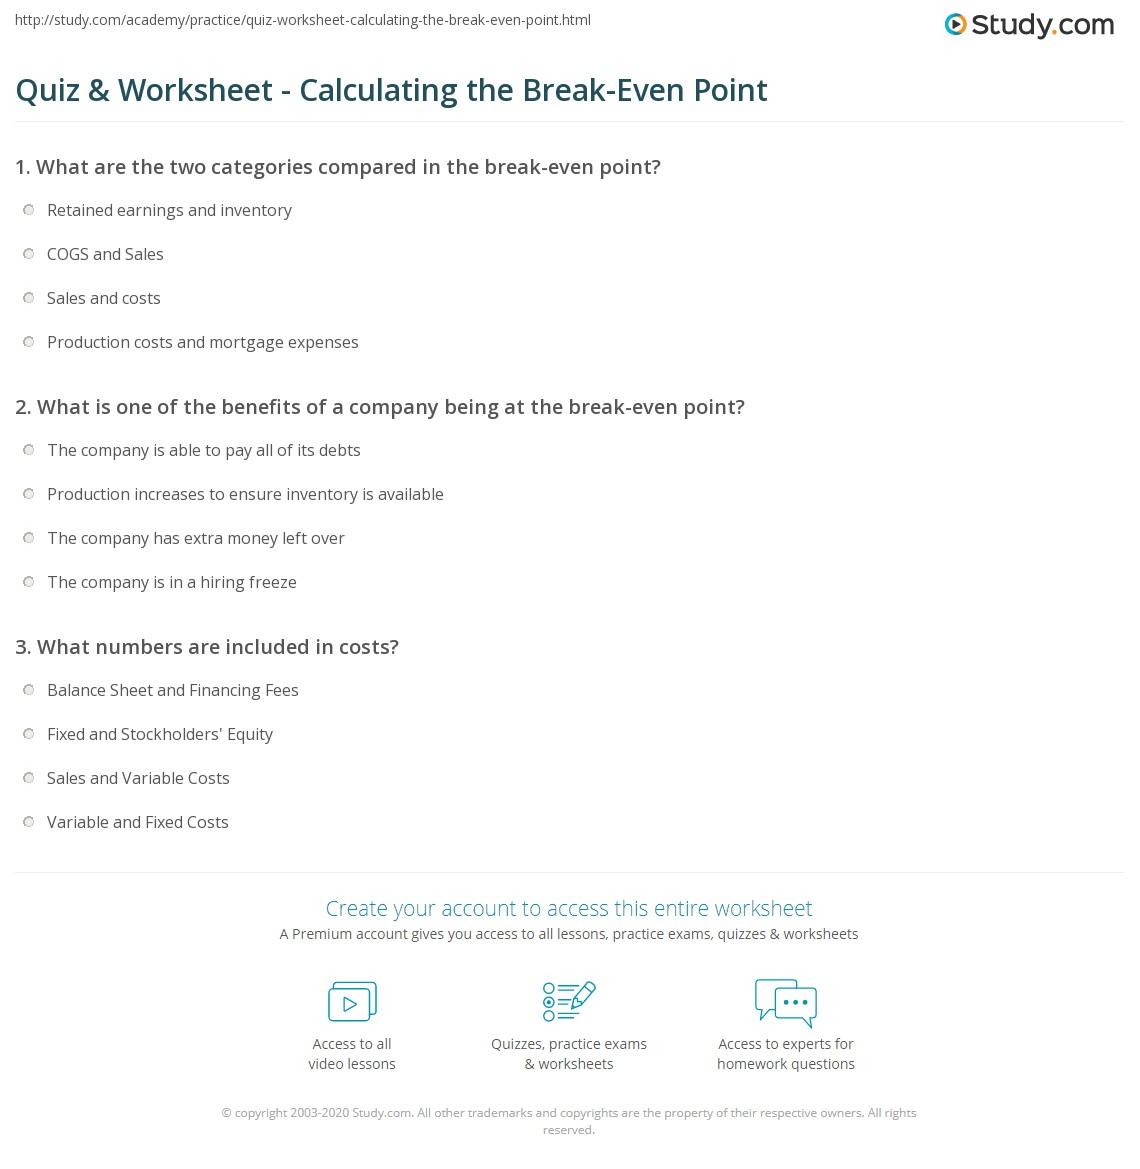 quiz worksheet calculating the break even point. Black Bedroom Furniture Sets. Home Design Ideas